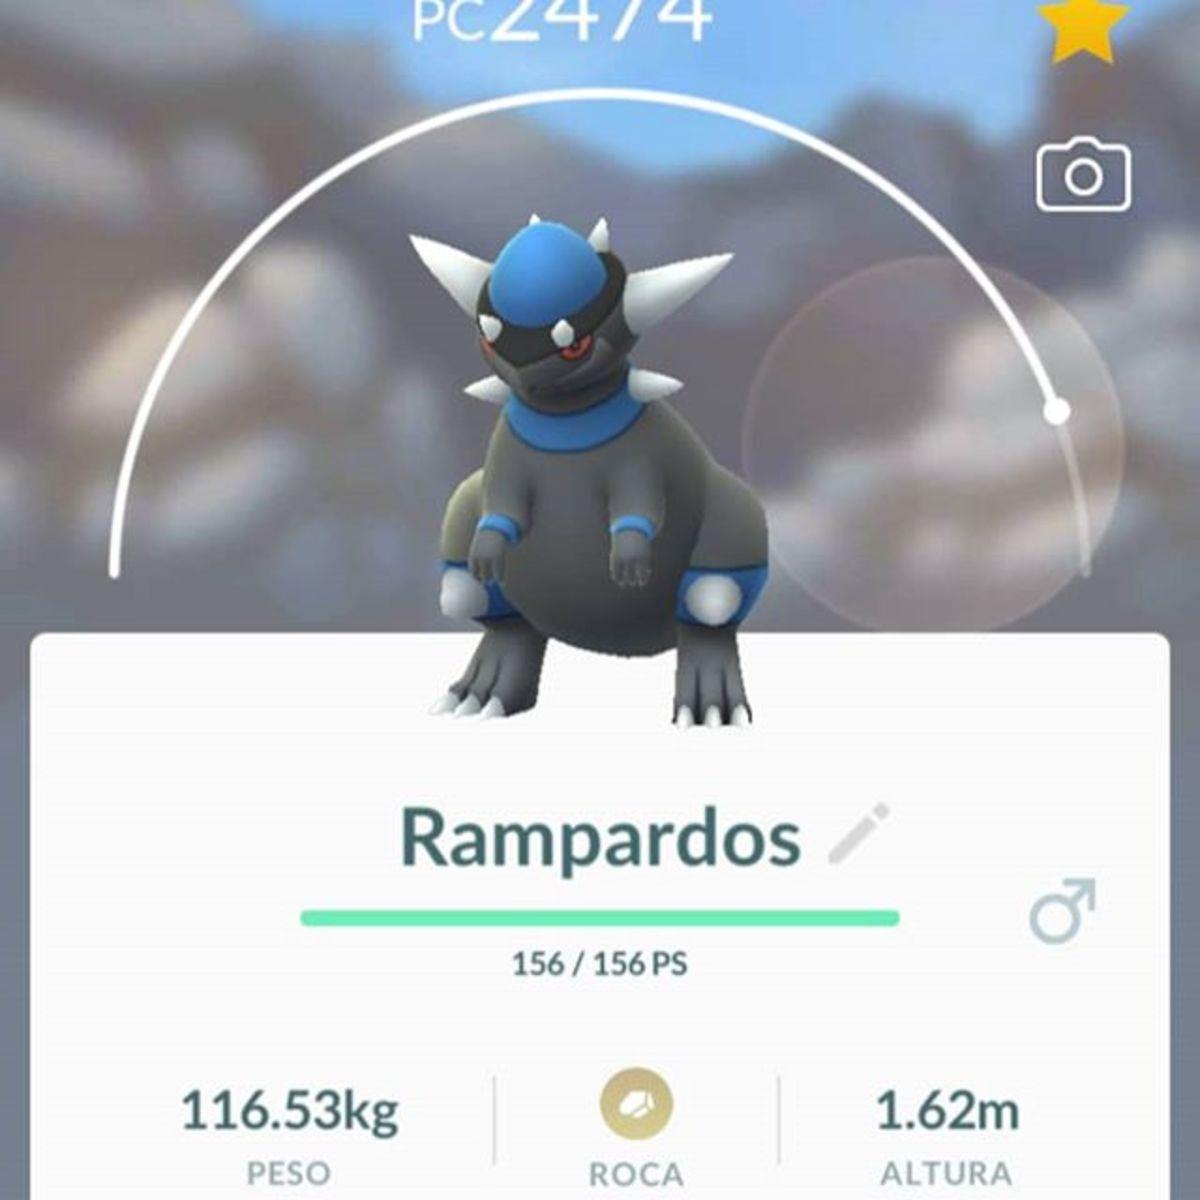 Rampardos in Pokemon GO